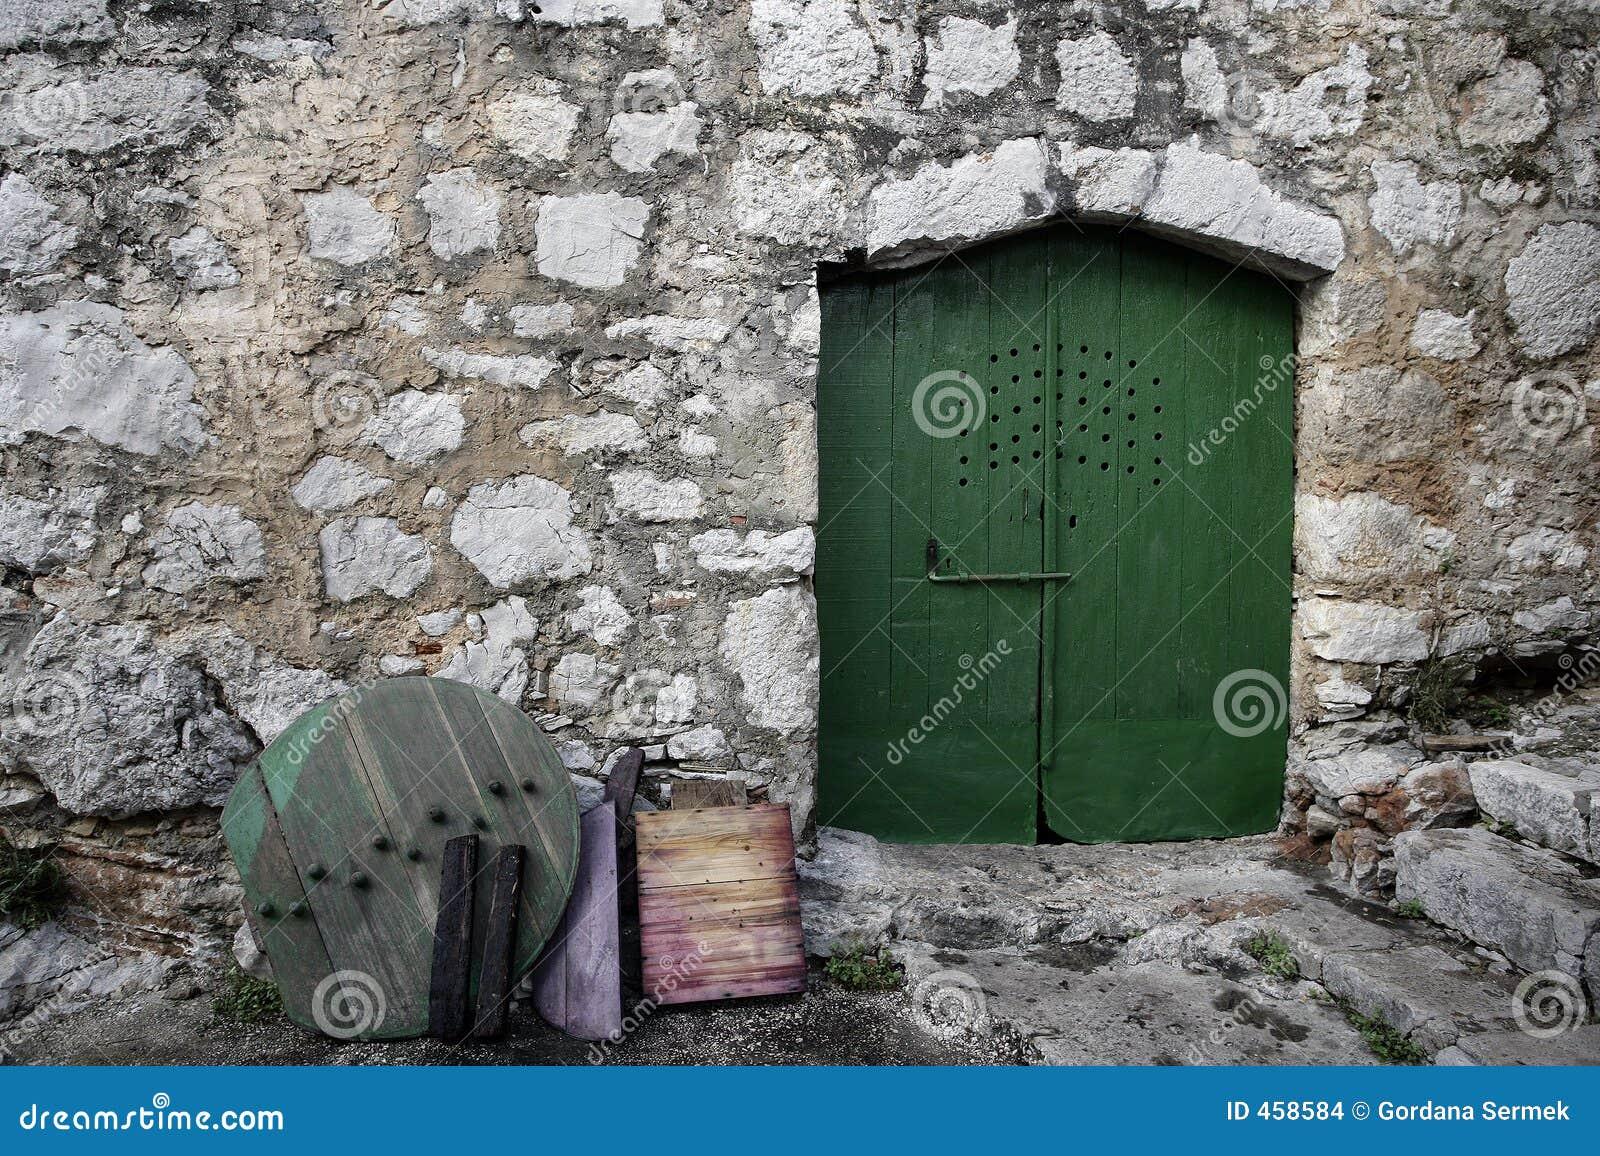 Mediterranean street and green doors